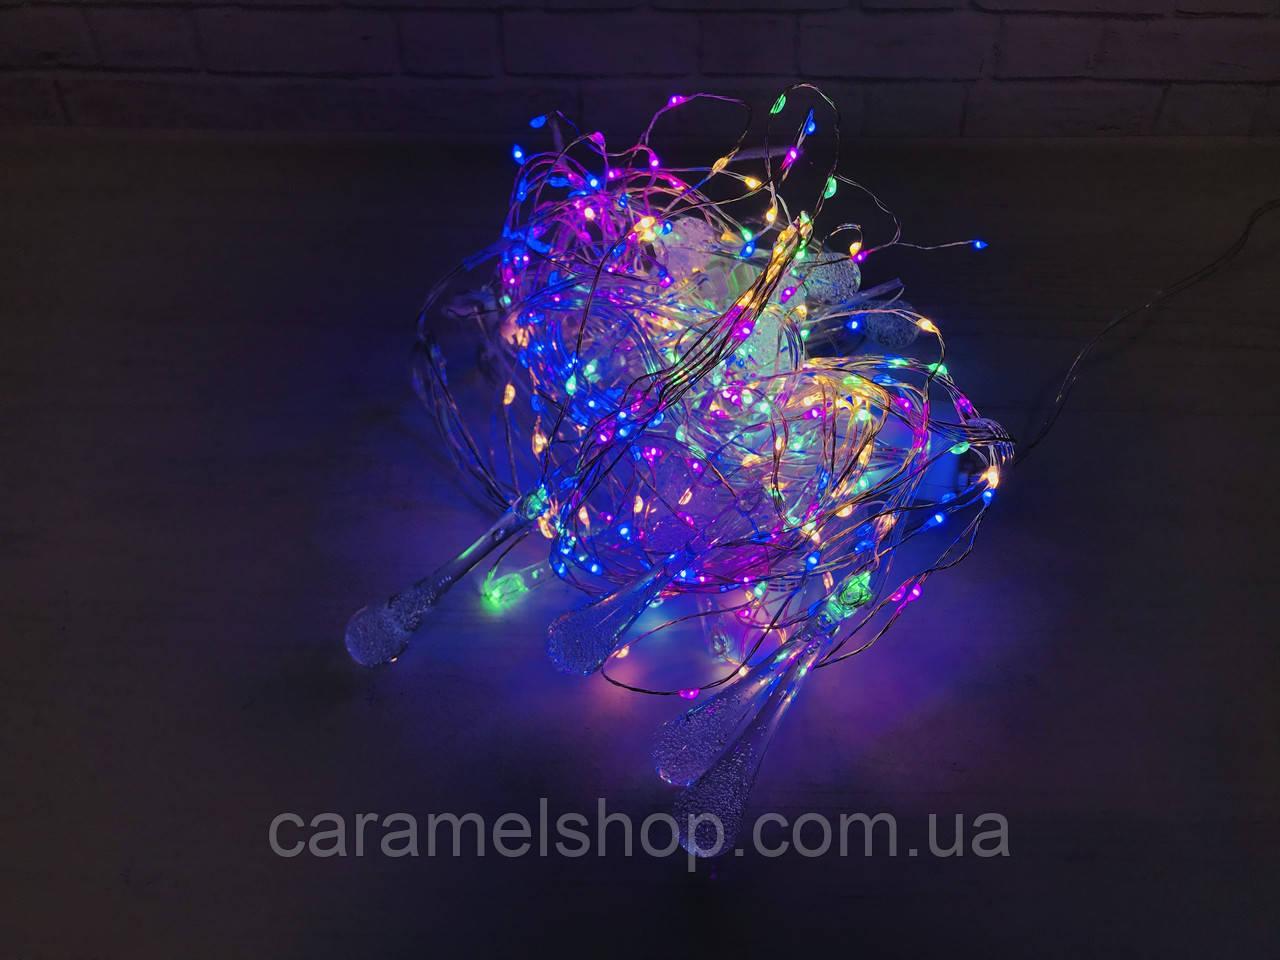 Світлодіодна гірлянда на вікно ВОДОСПАД 3x3 метри 480 W-3 led Curtain Light 220 v холодний світ